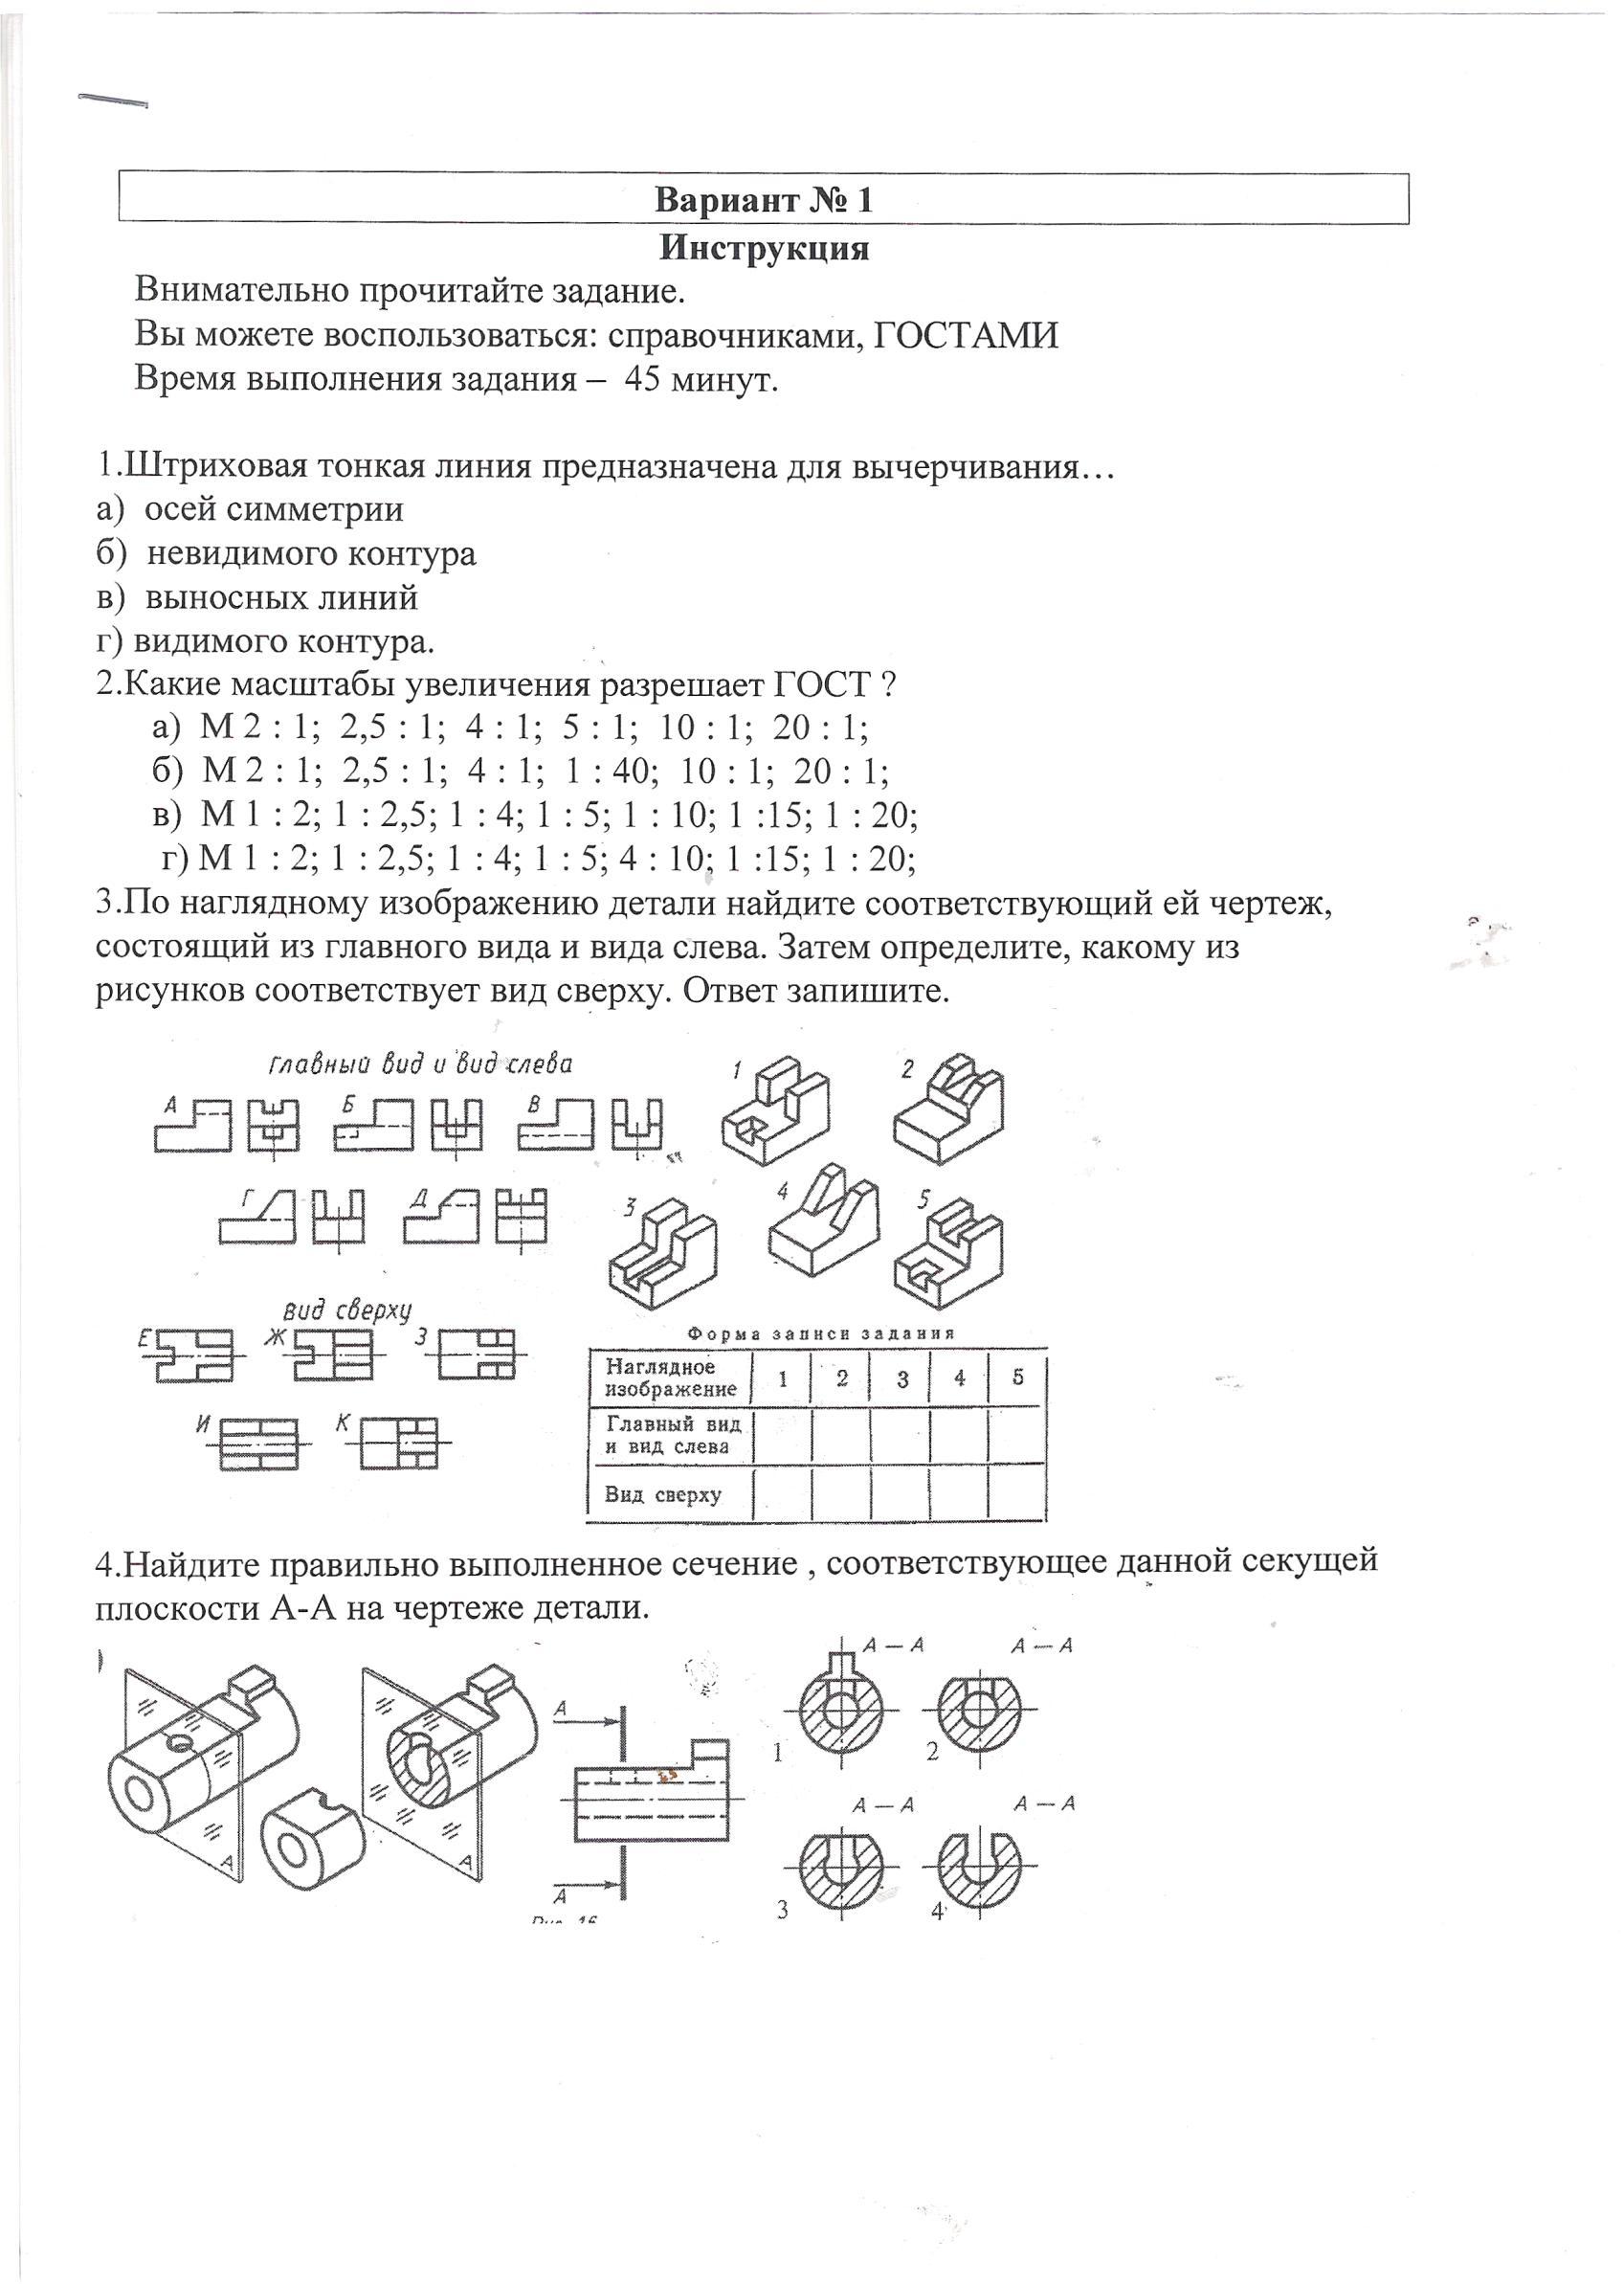 F:\Вопросы к экзаменм, зачетам, контрольной работе\Зачеты 1семестр 2014-15\Основы технического черчения\1.tif